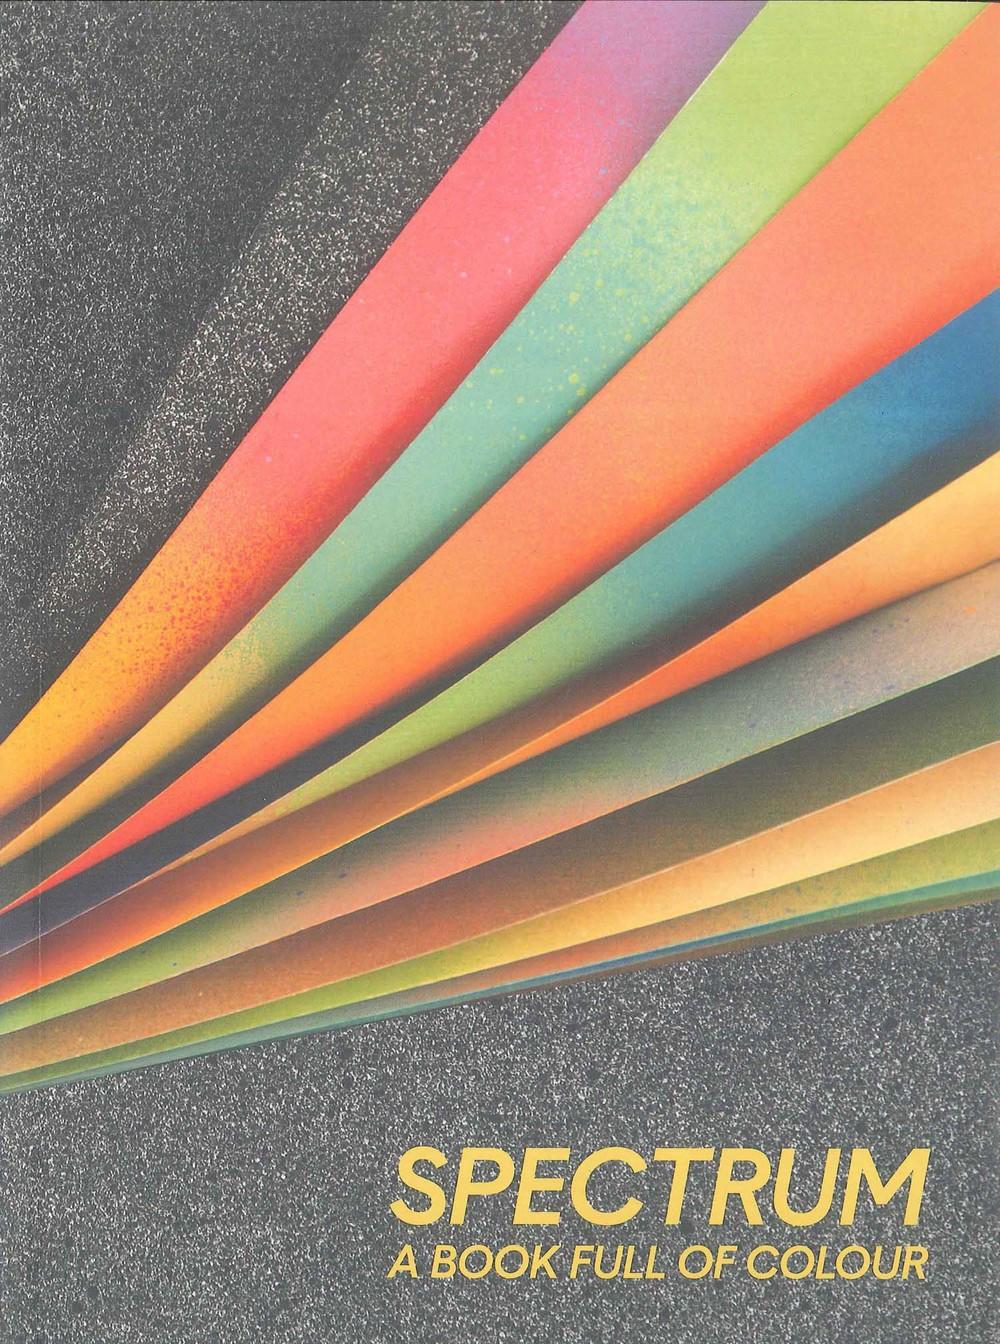 100 colors / 新宿三井ビル<br>巣鴨信用金庫 常盤台支店<br>巣鴨信用金庫 志村支店